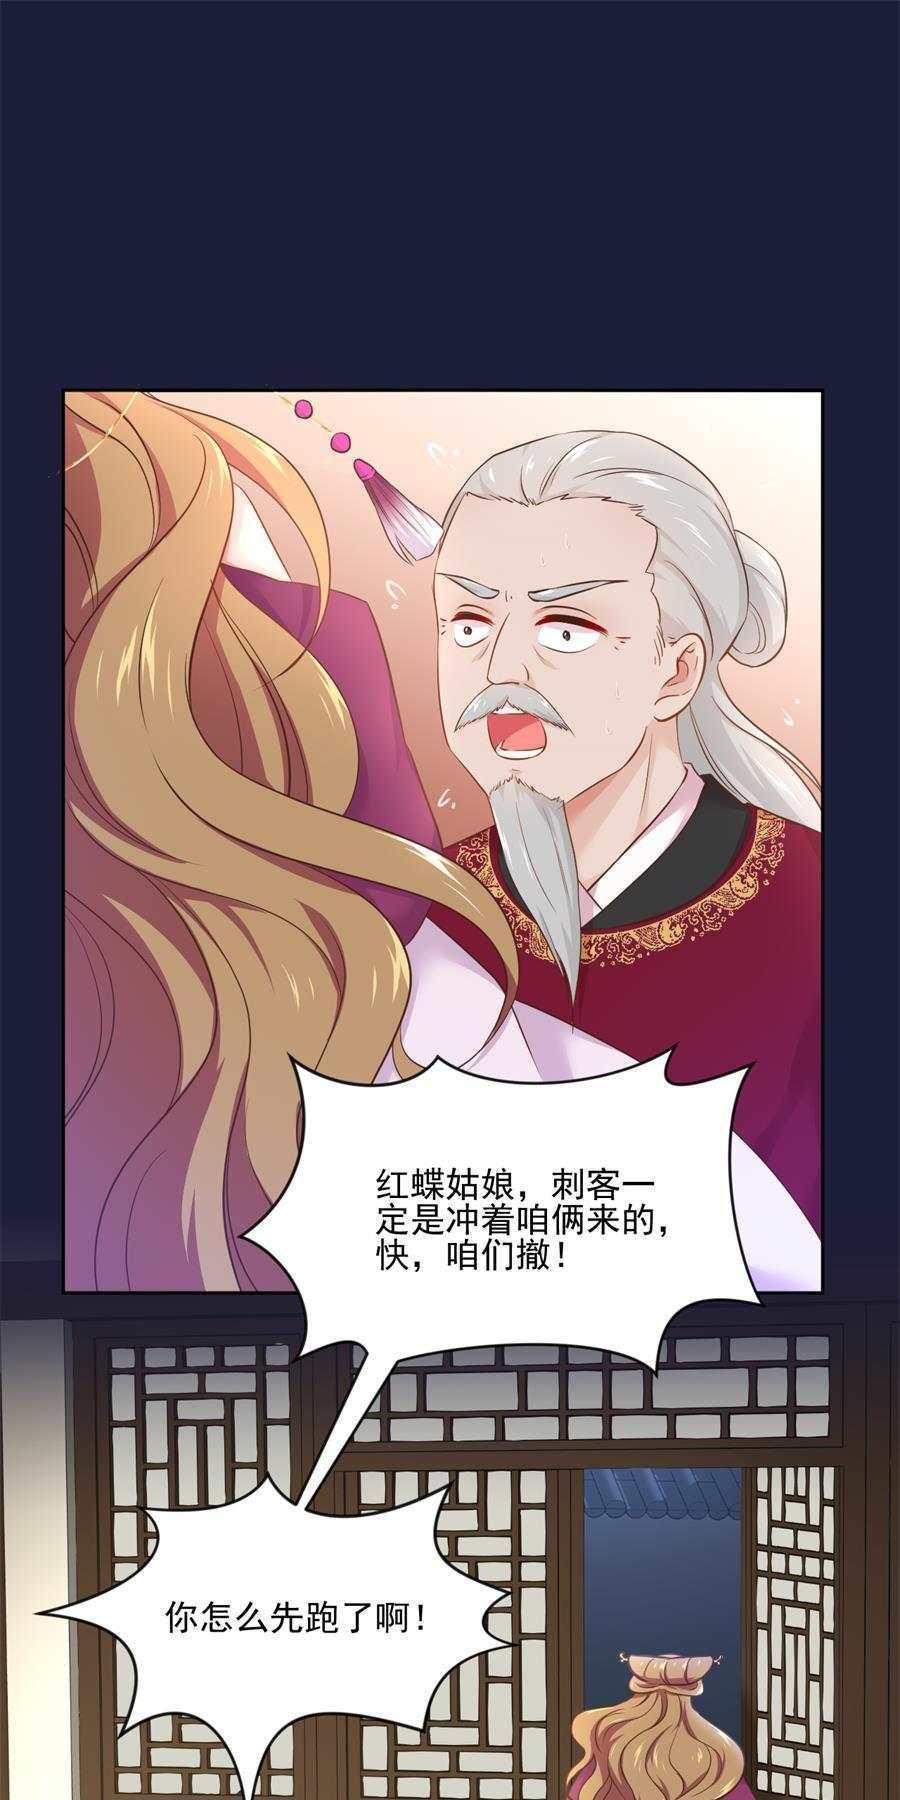 盛世帝王妃第103话  卧虎藏龙 第 6